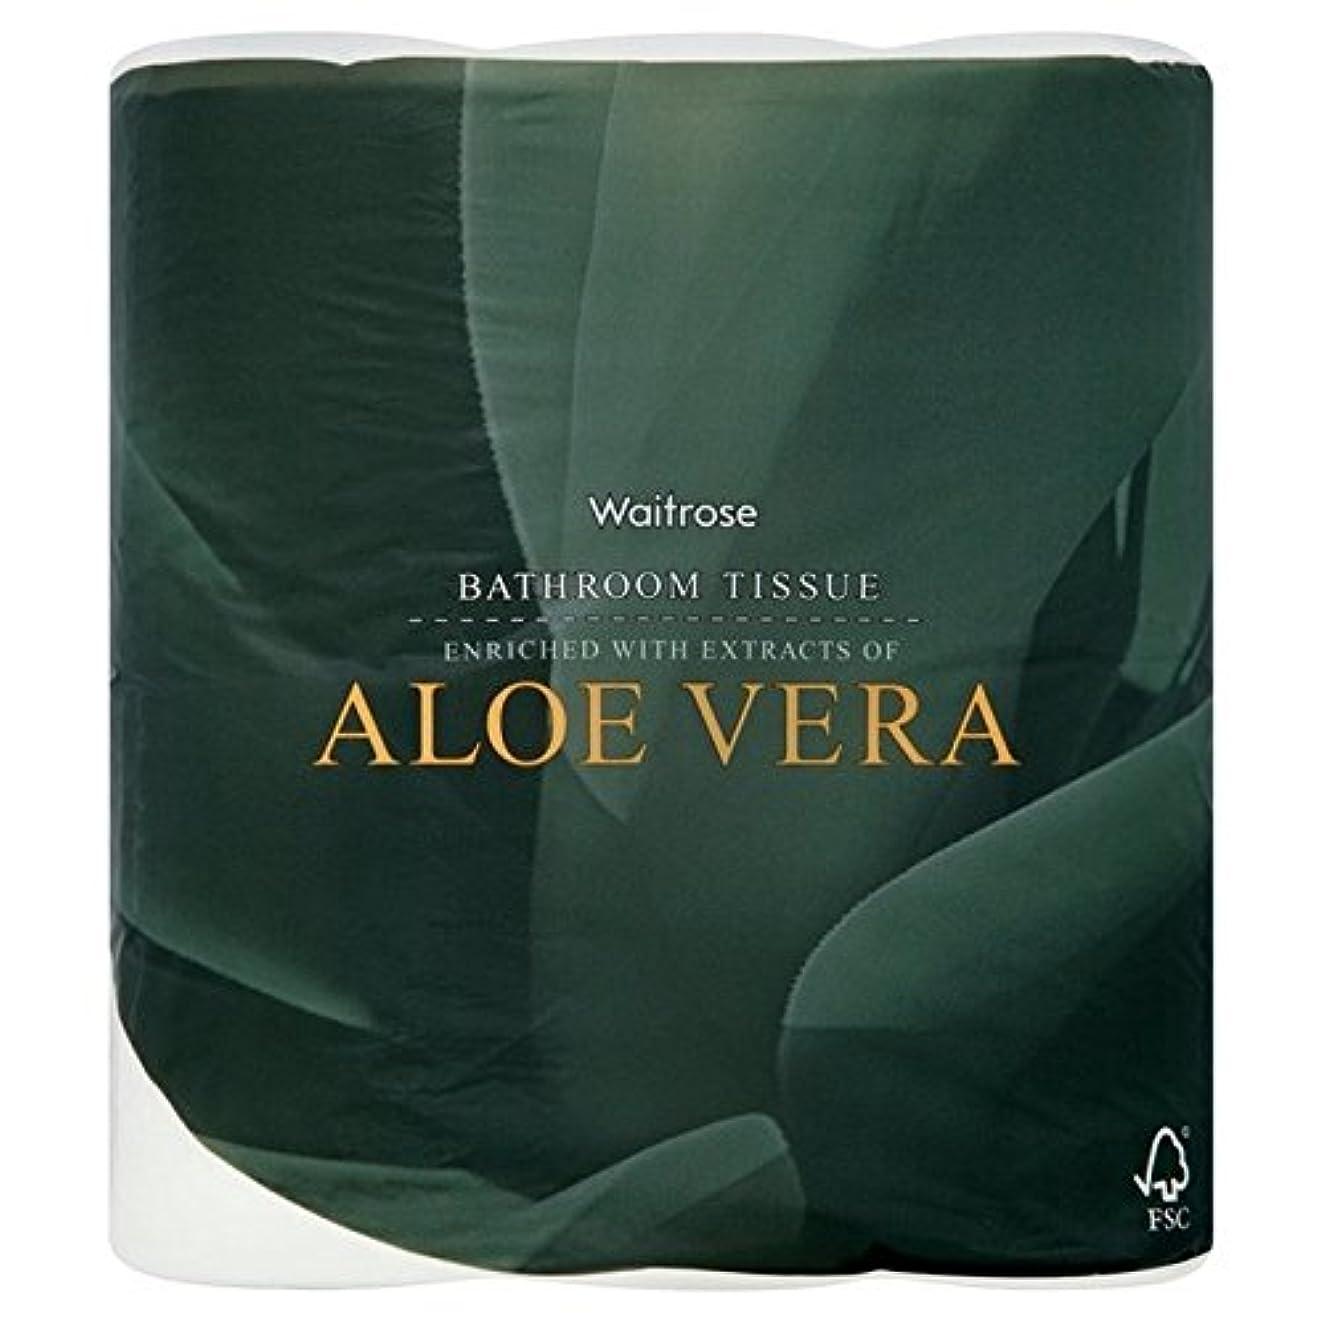 貯水池献身矩形パックあたりアロエベラ浴室組織白ウェイトローズ4 x2 - Aloe Vera Bathroom Tissue White Waitrose 4 per pack (Pack of 2) [並行輸入品]